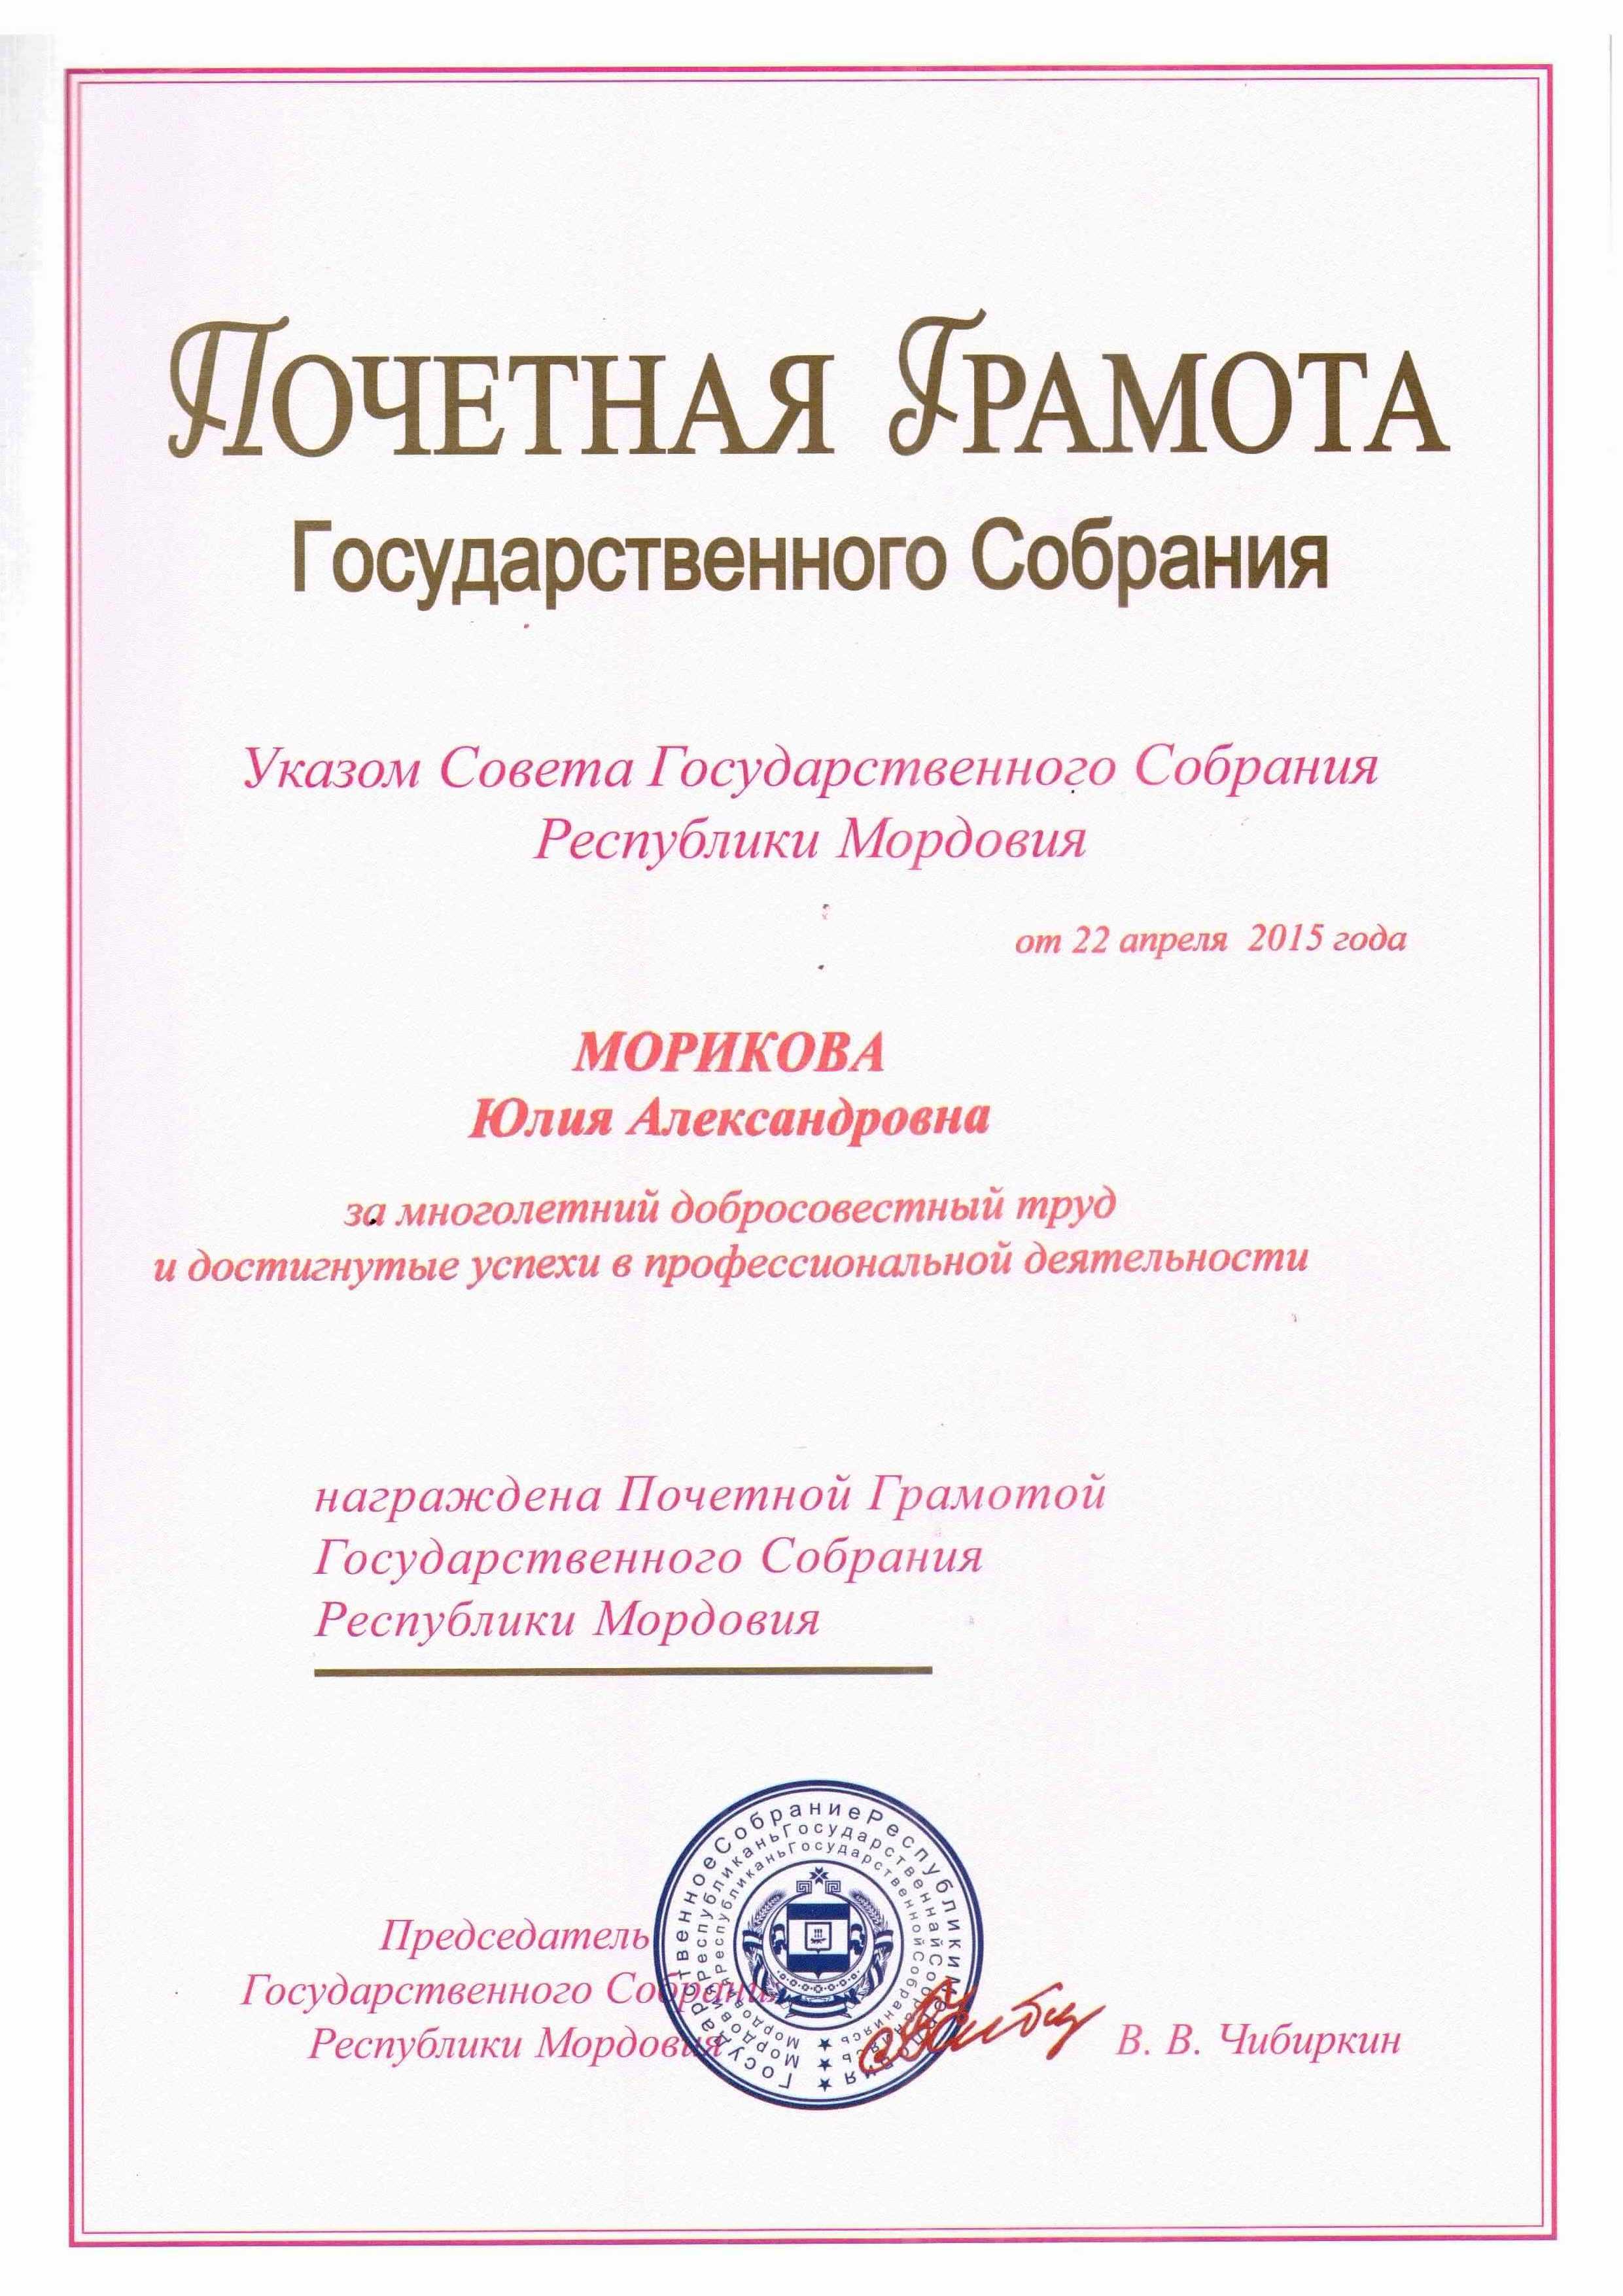 Почетная грамота Мориковой Ю.А.